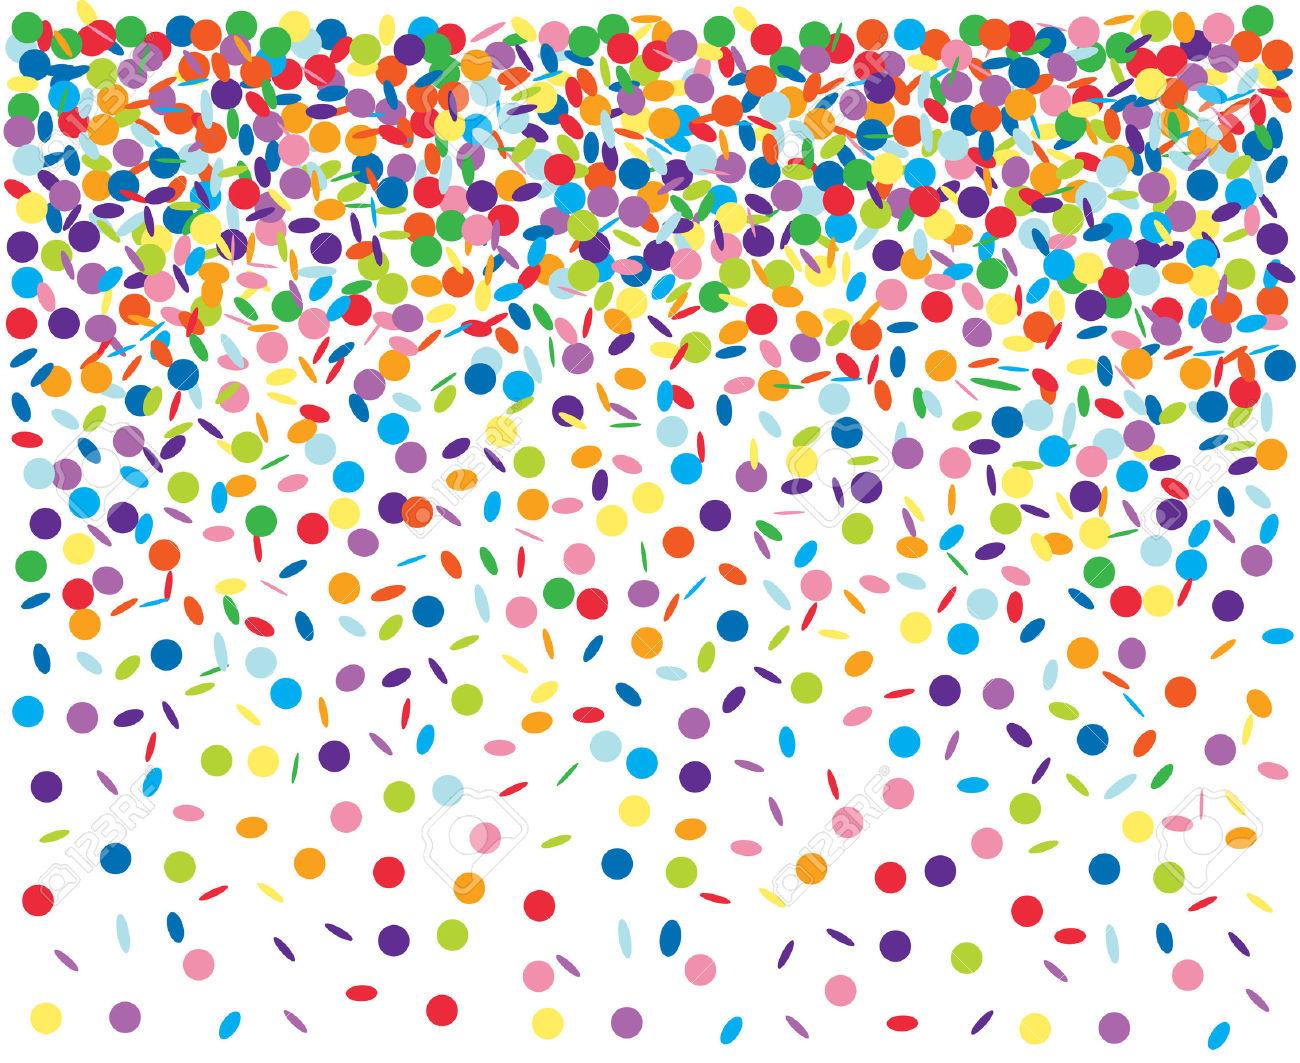 Free Confetti Cliparts Background, Download Free Clip Art ...